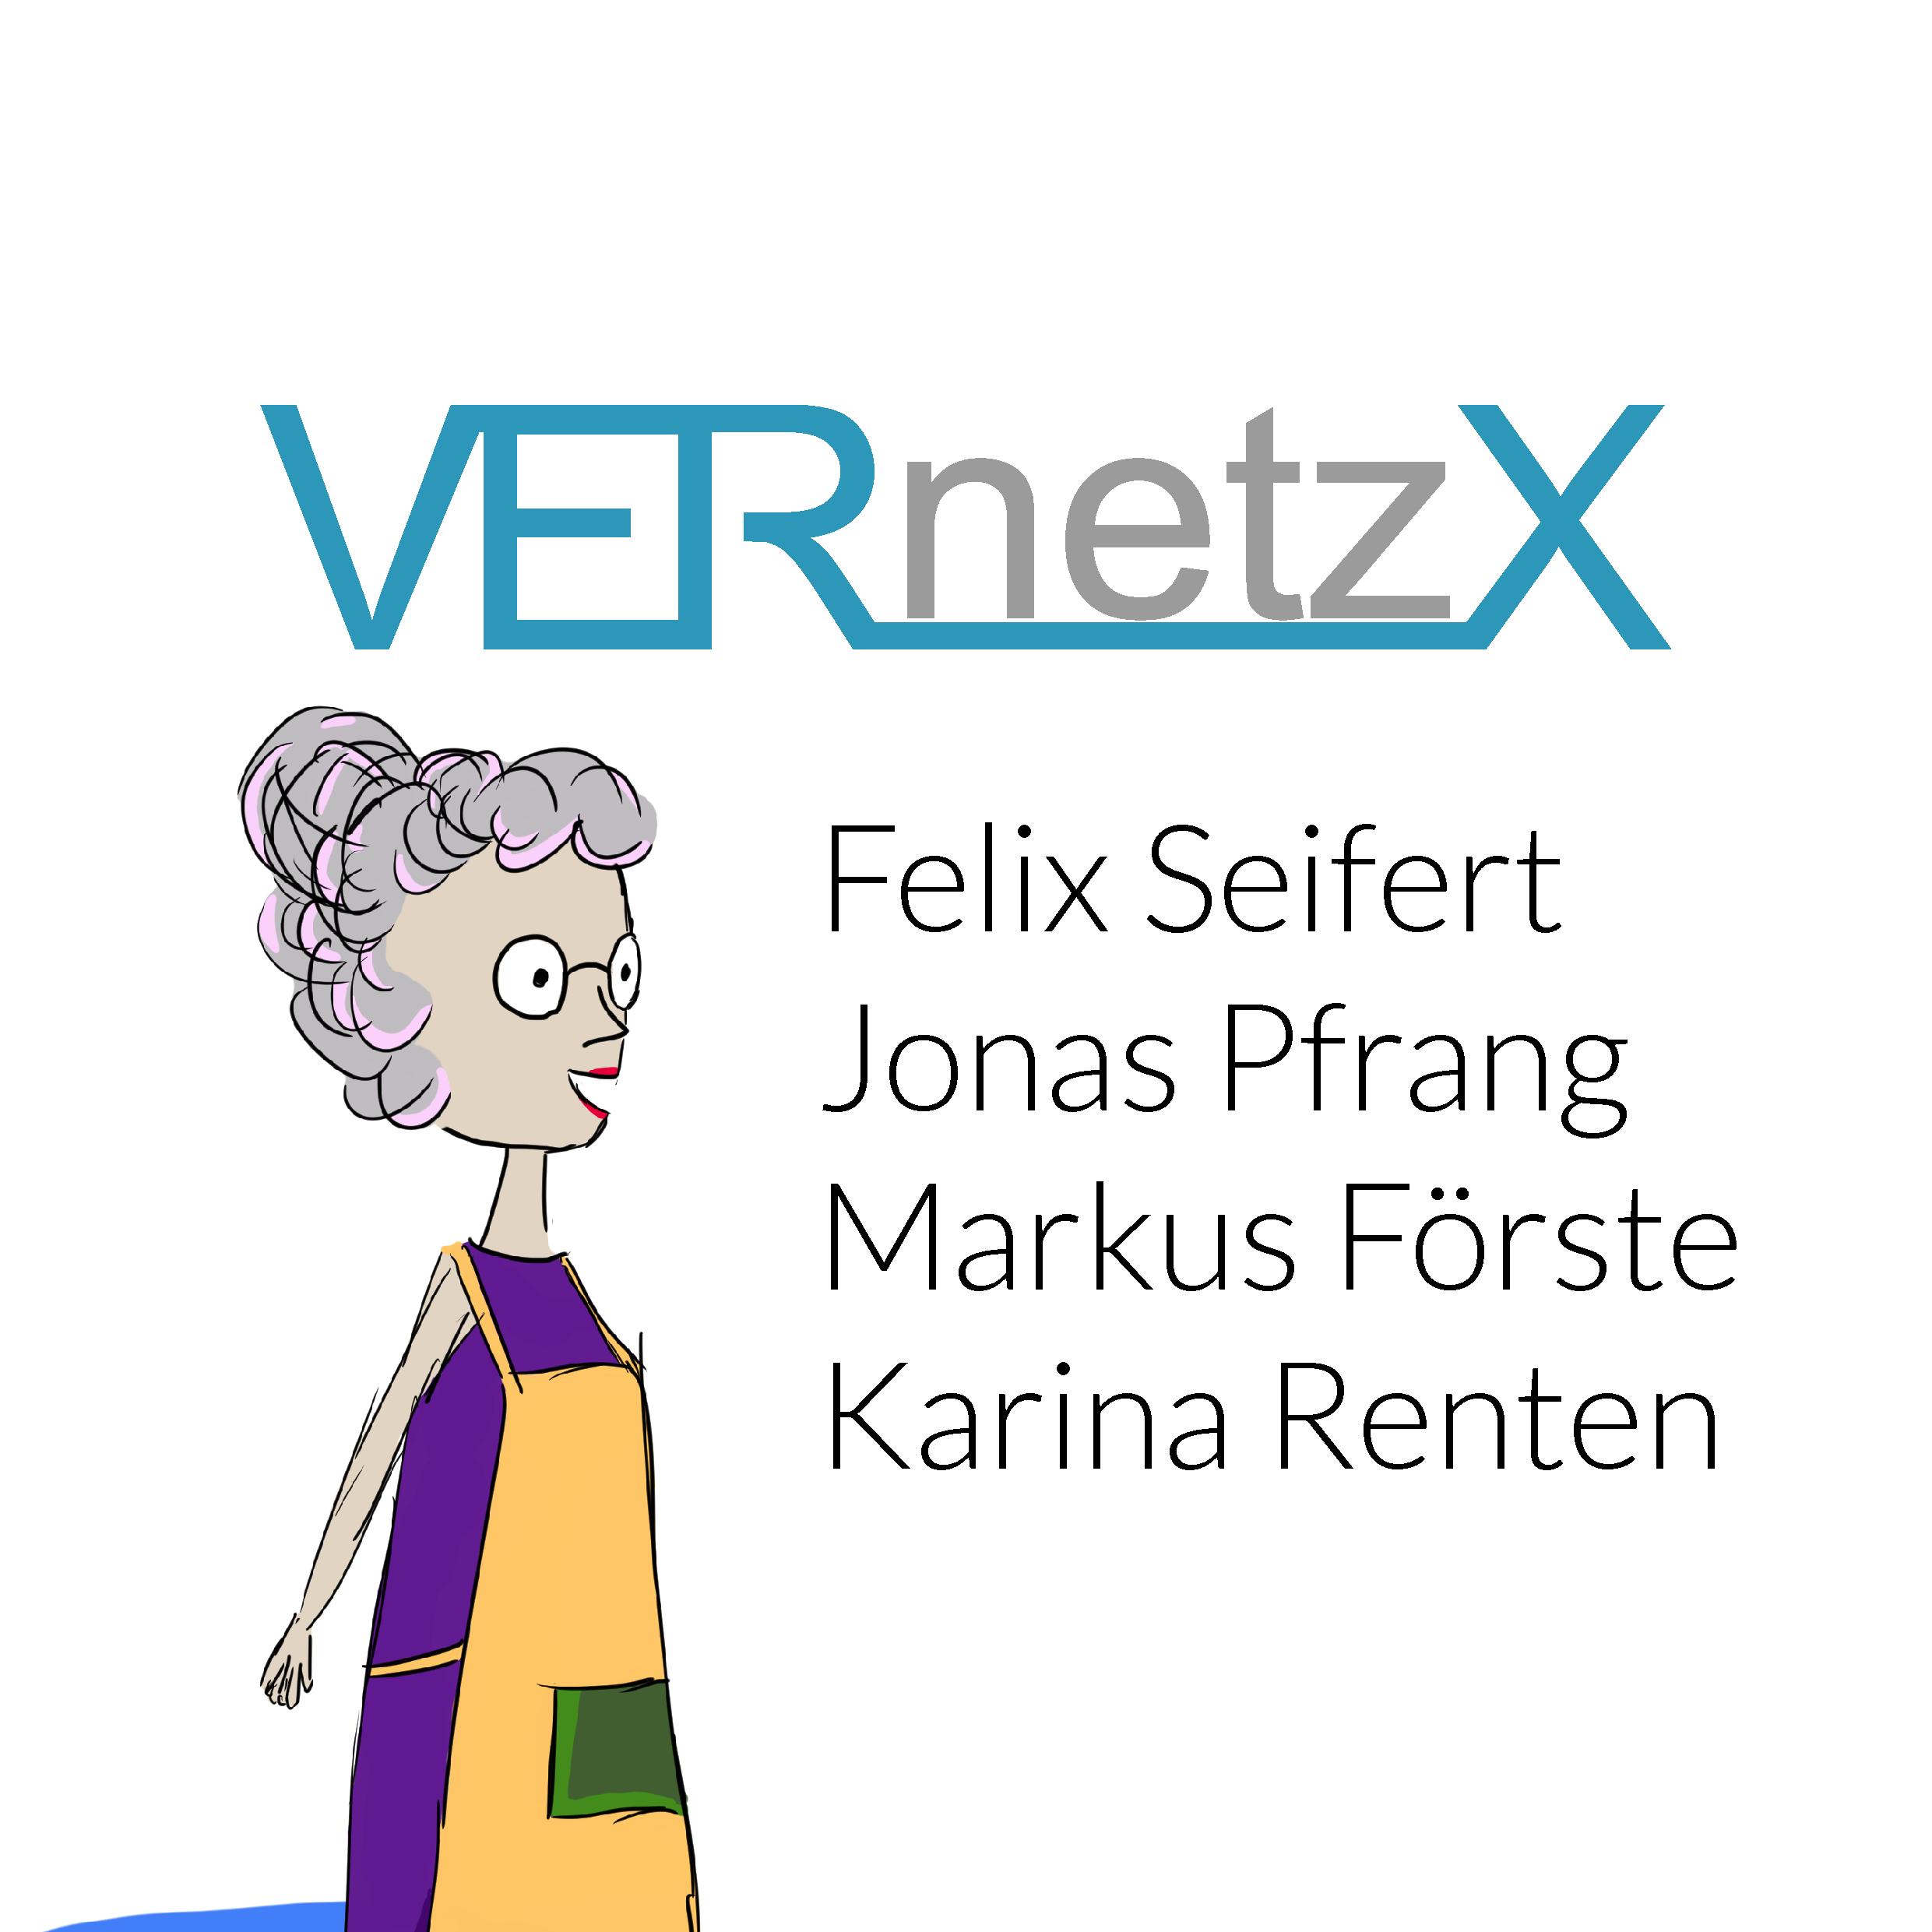 VERnetzX